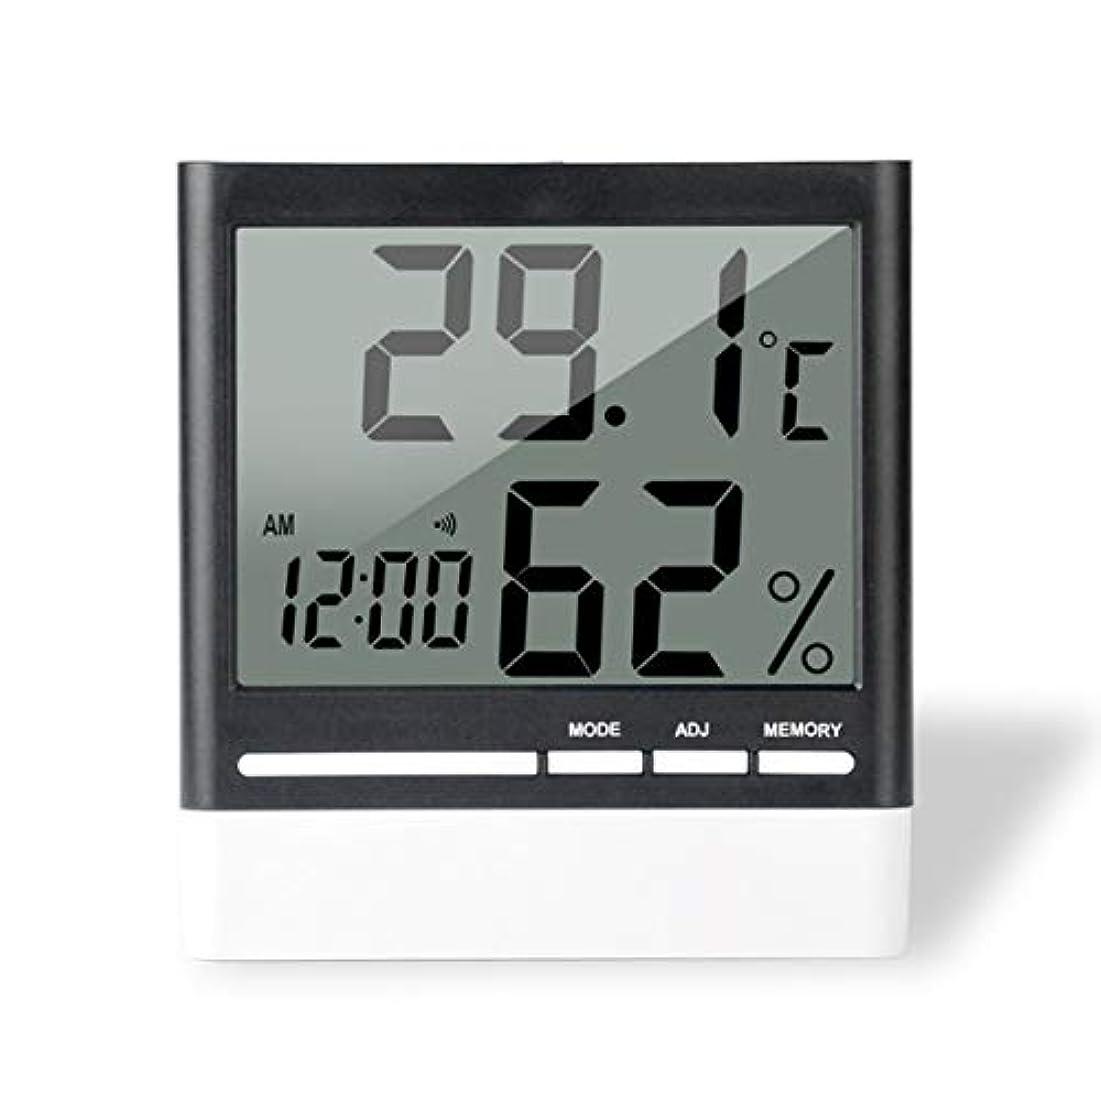 Saikogoods 電子体温計湿度計 デジタルディスプレイ 温度湿度モニター アラーム時計 屋内家庭用 ブラック